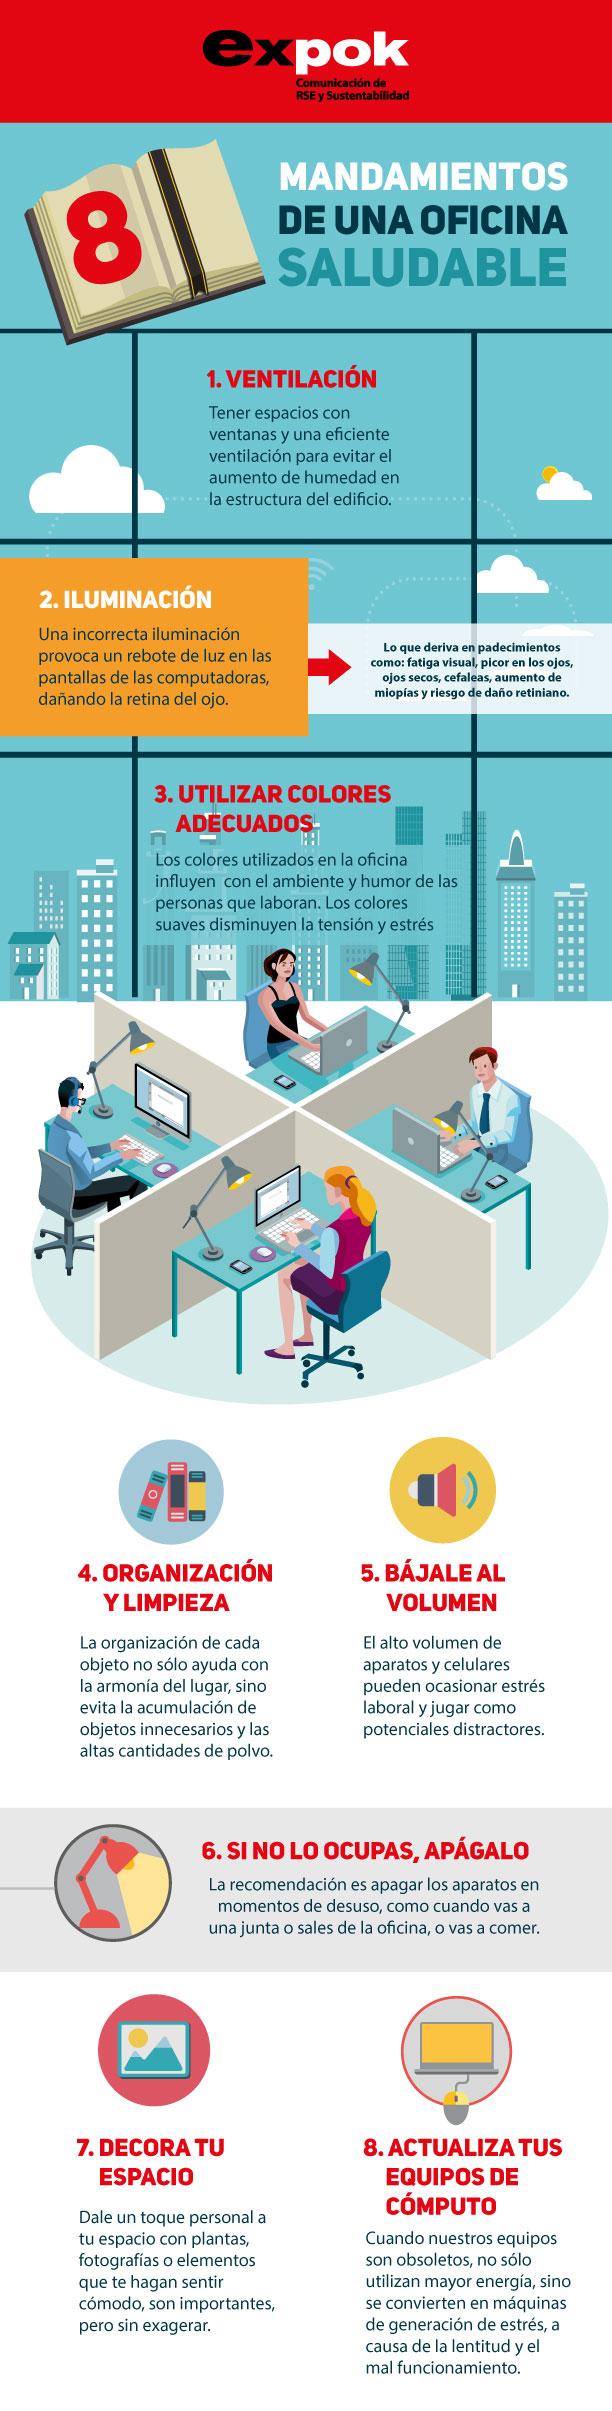 Alto Nivel refiere algunos mandamientos de una empresa para ofrecer a sus colaboradores una oficina de ensueño que contribuya a incrementar su productividad y satisfacción laboral. http://www.expoknews.com/8-mandamientos-de-una-oficina-saludable/